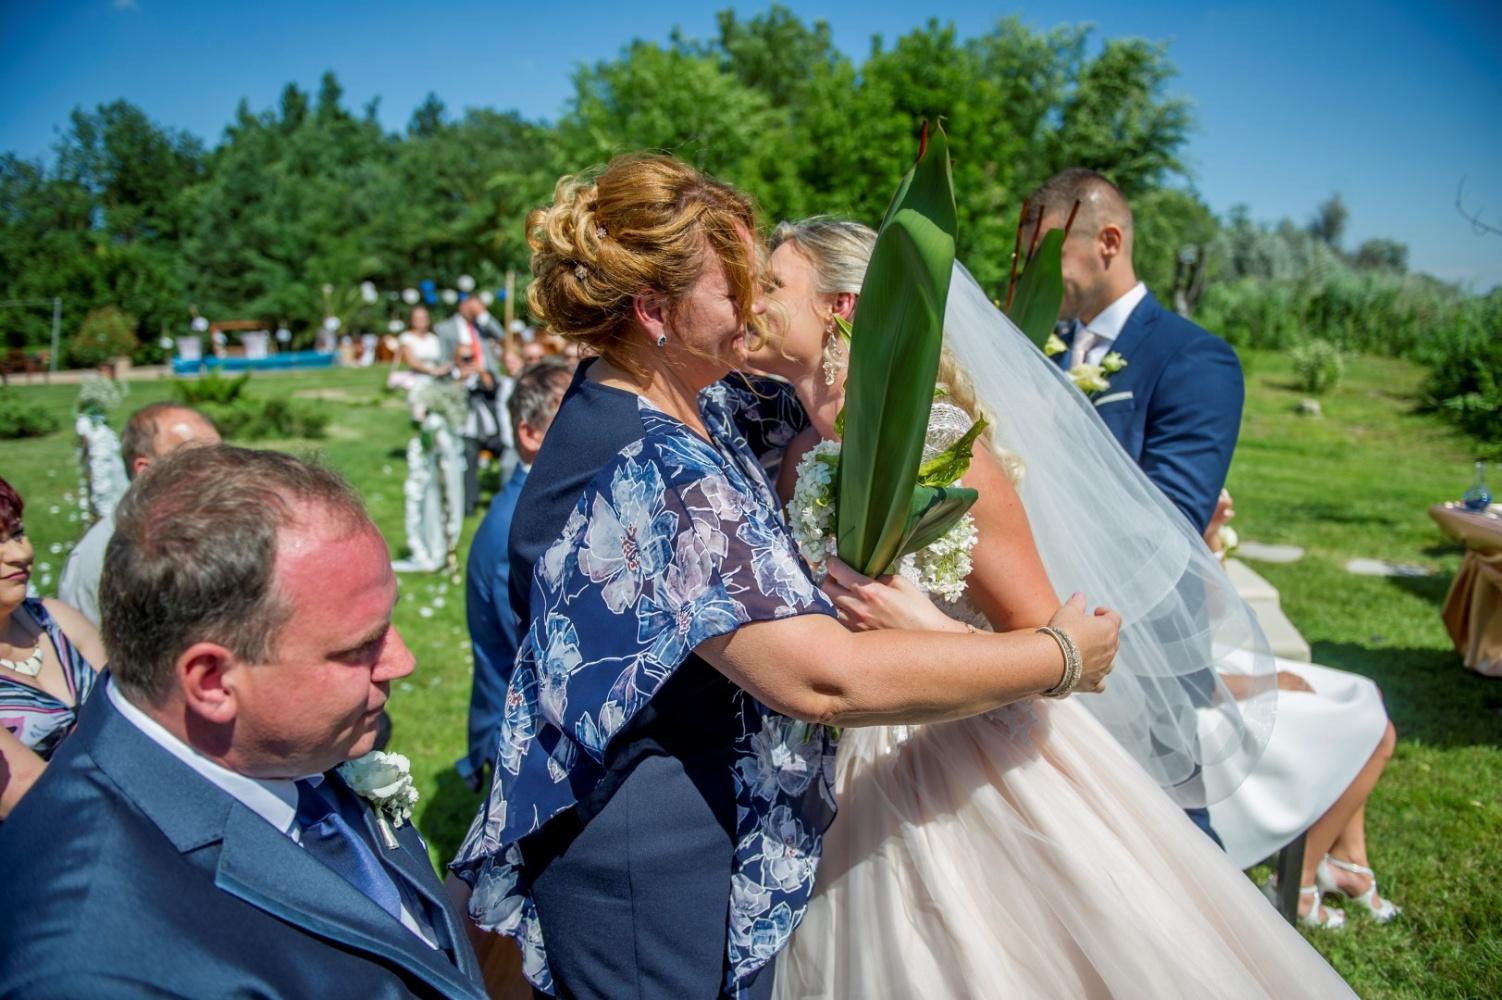 http://www.fotoz.sk/images/gallery-22/normal/eskuvoi-fotos_svadobny-fotograf_400.jpg